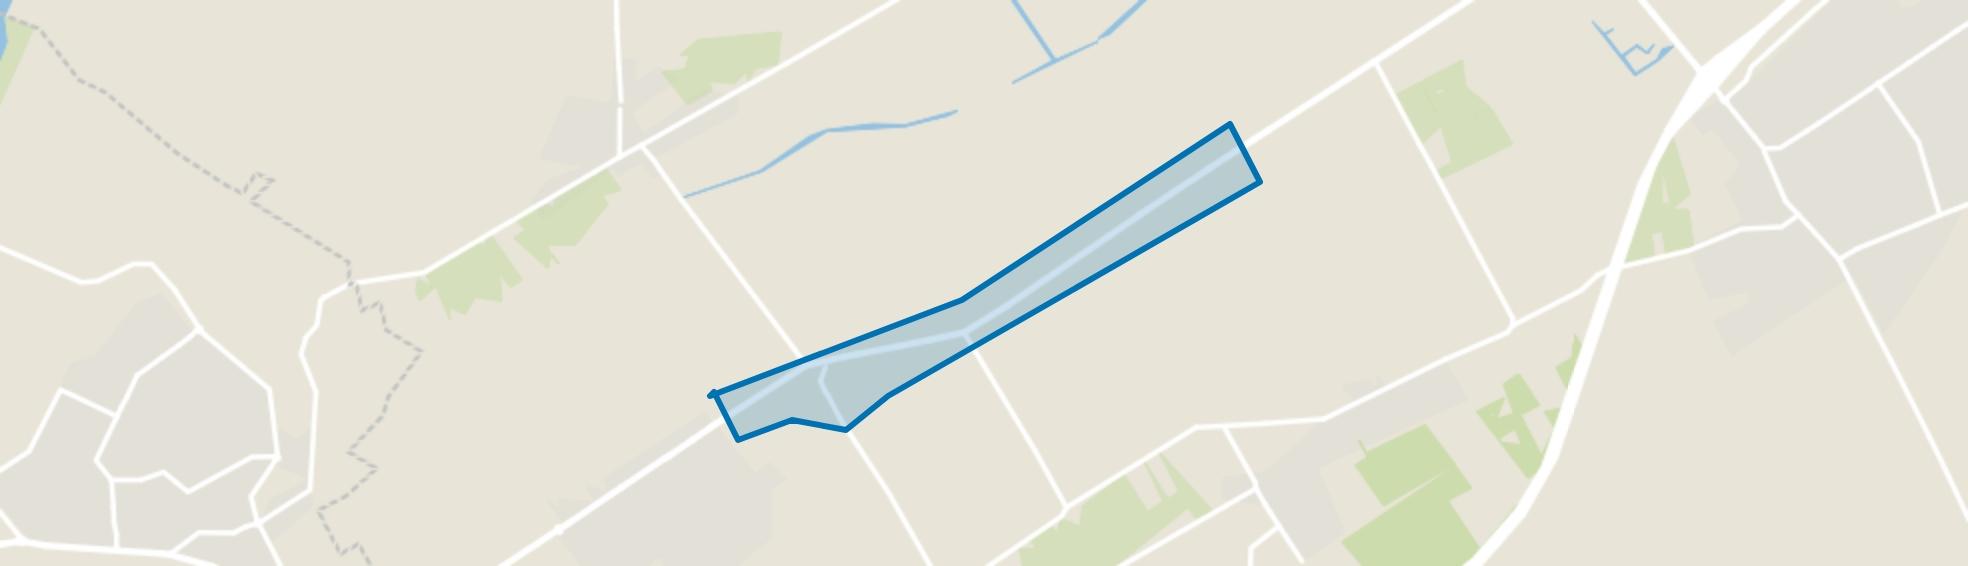 Broekdijk, Oldebroek map